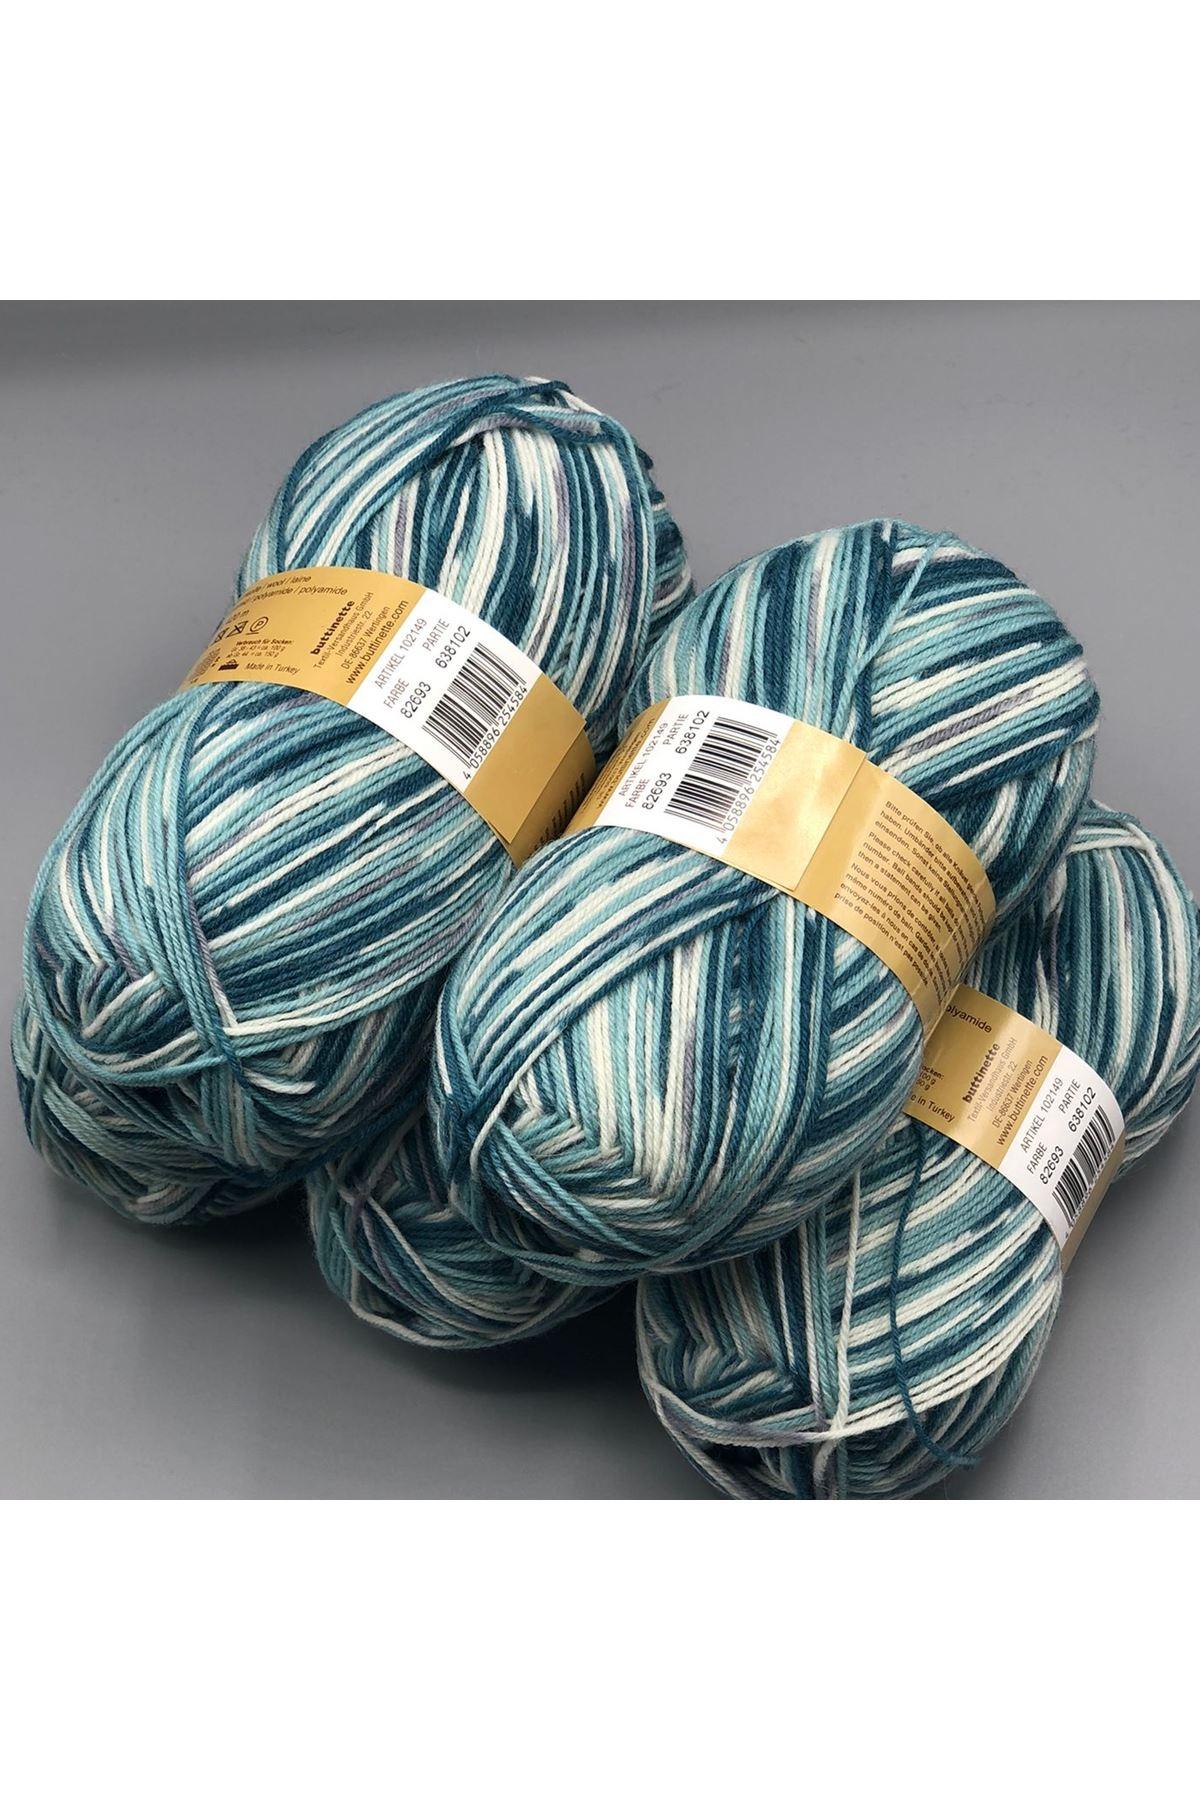 İhrac Fazlası Yünlü Çoraplık 5'li Paket Mint 241